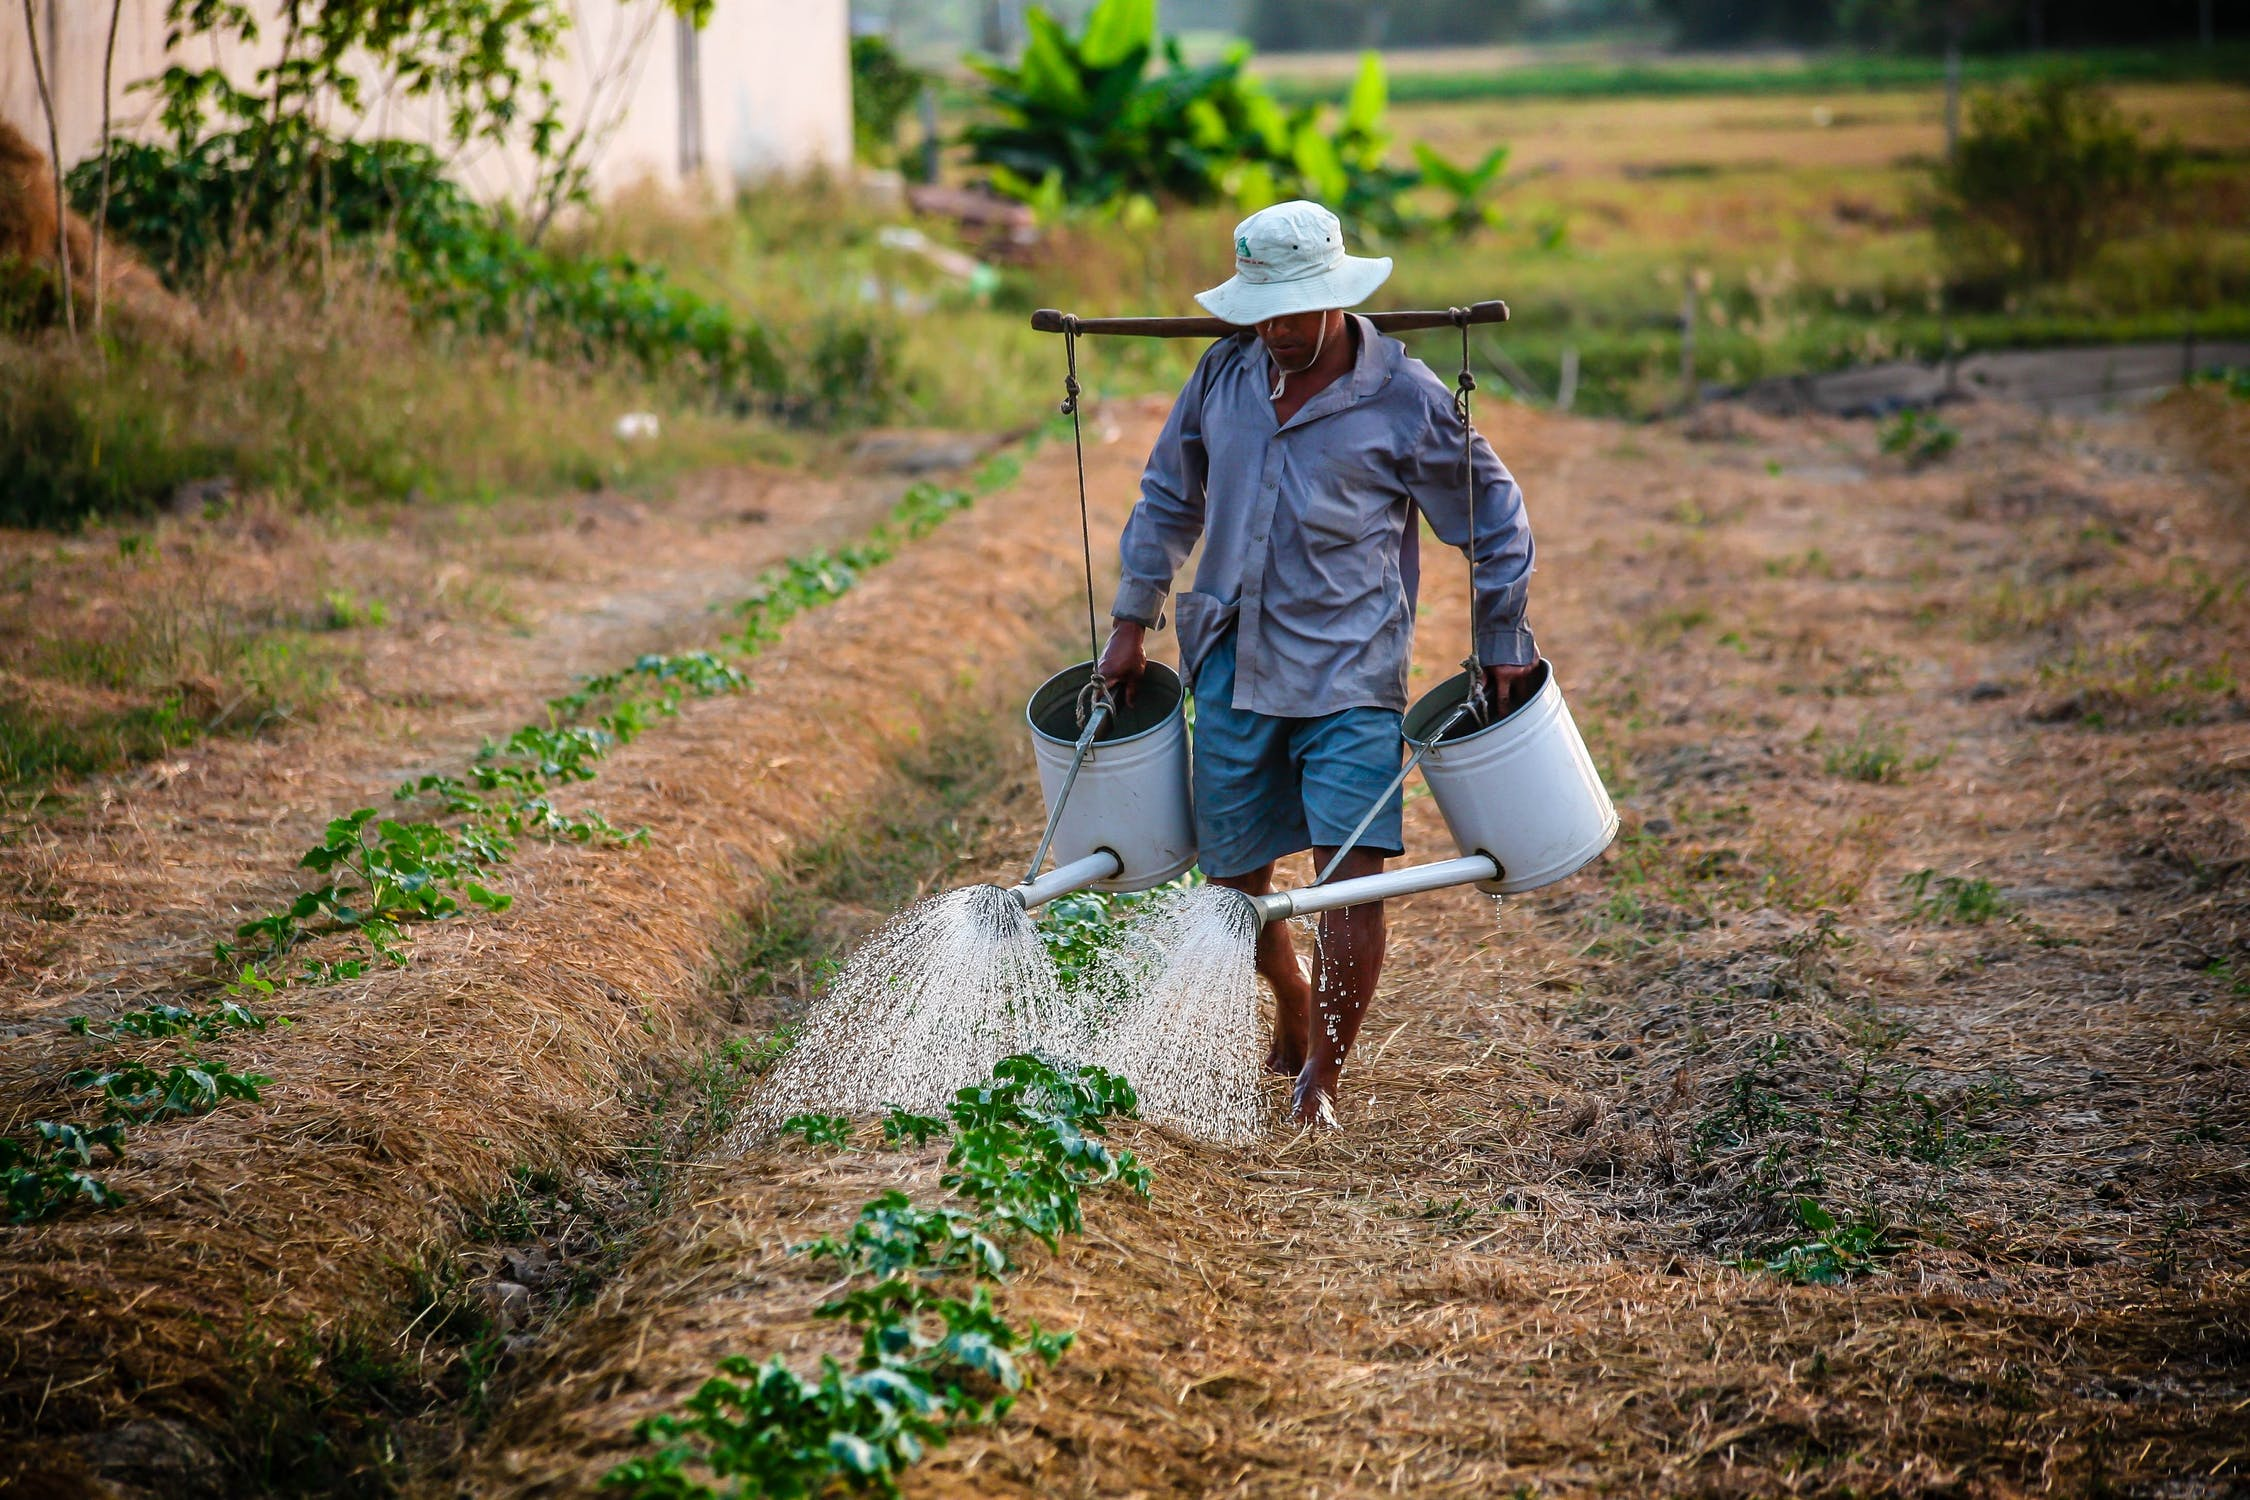 watering-watering-can-man-vietnam-162637.jpeg